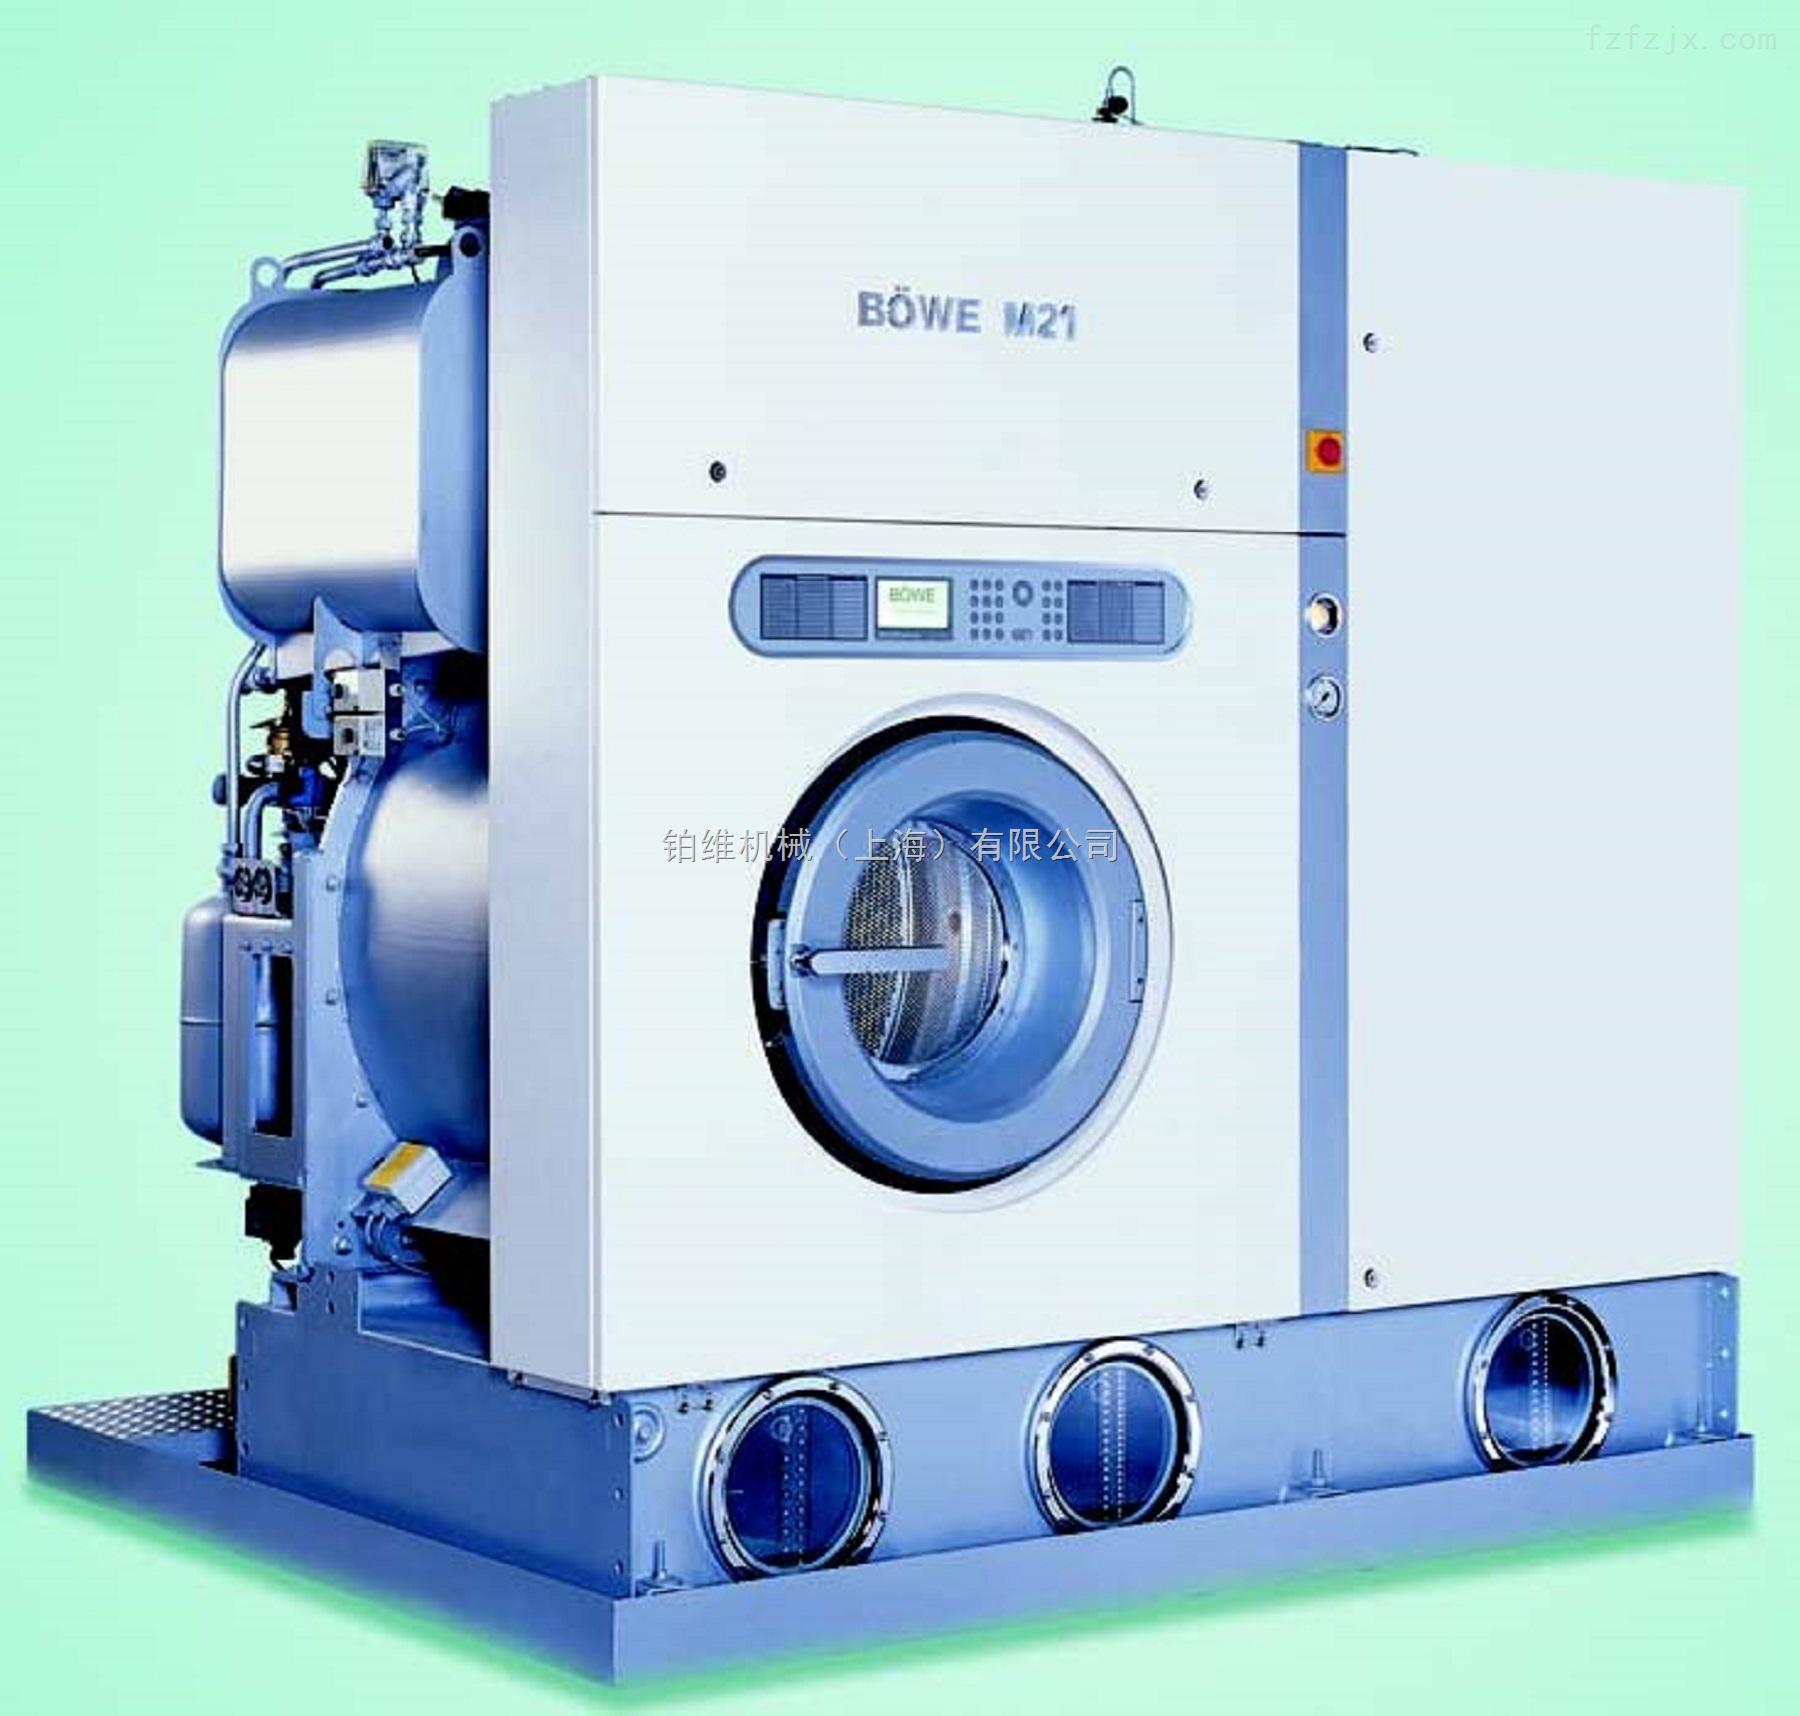 鉑維21公斤四氯乙烯干洗機